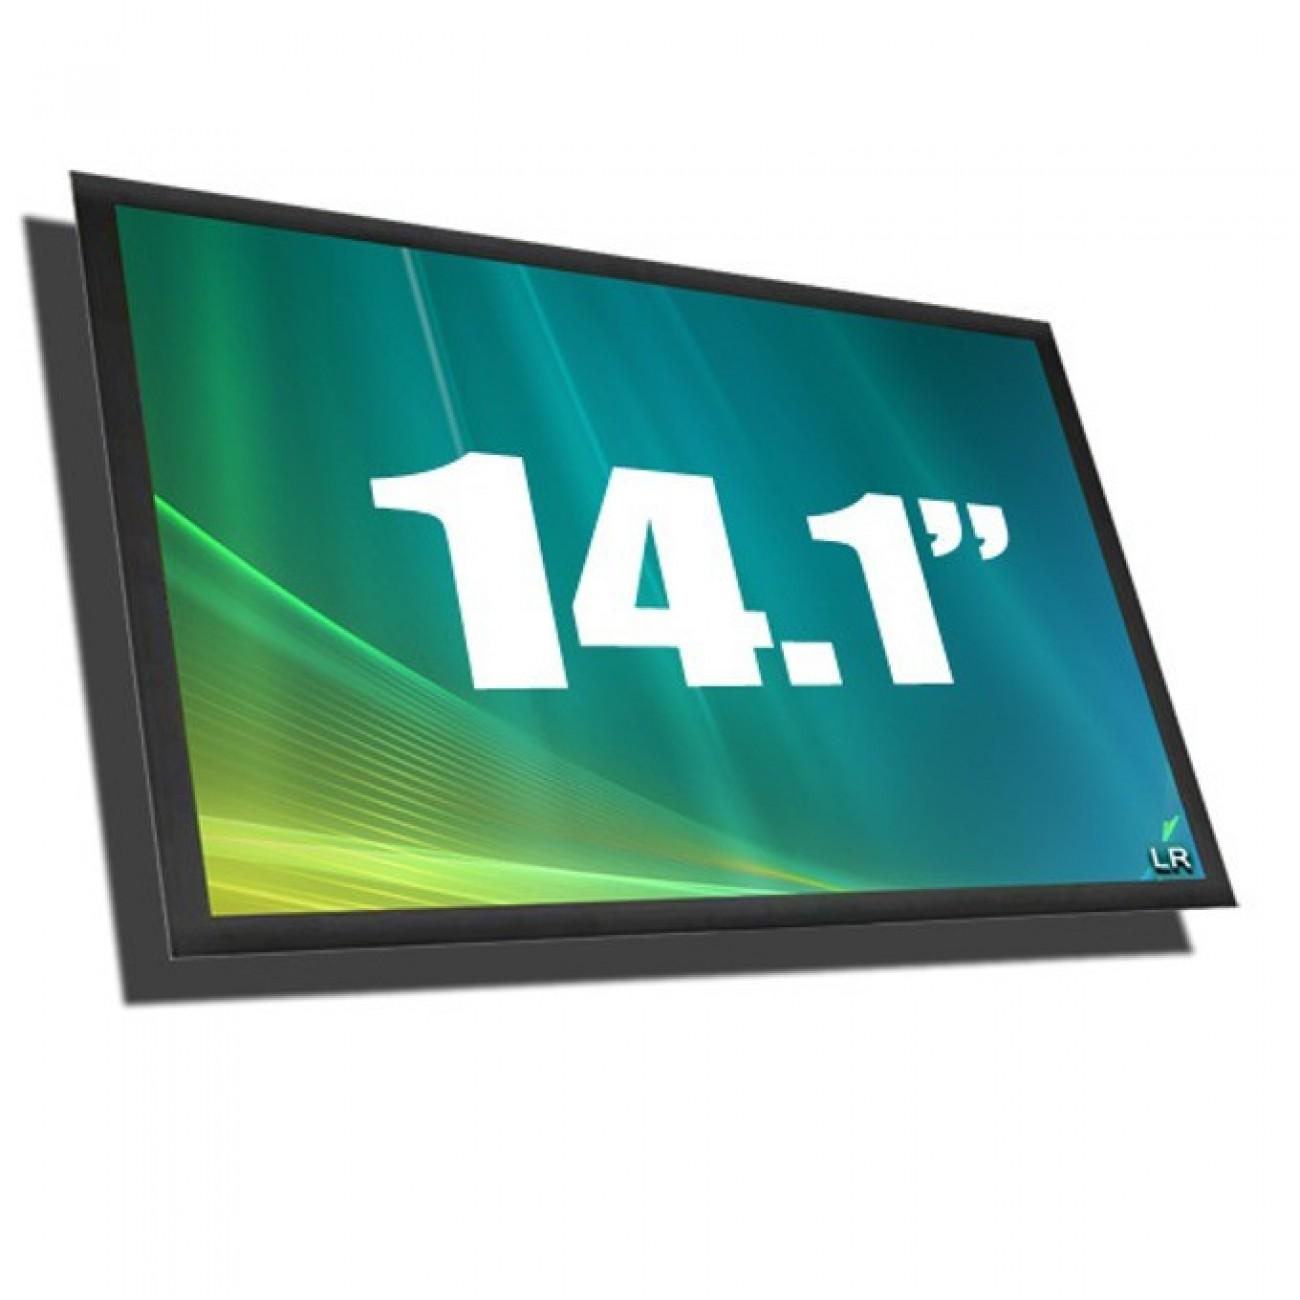 Матрица за лаптоп Hitachi HT141WXB-100, 14.1 (35.81 cm) WXGA 1280 x 800 pix., гланц в Резервни части -  | Alleop